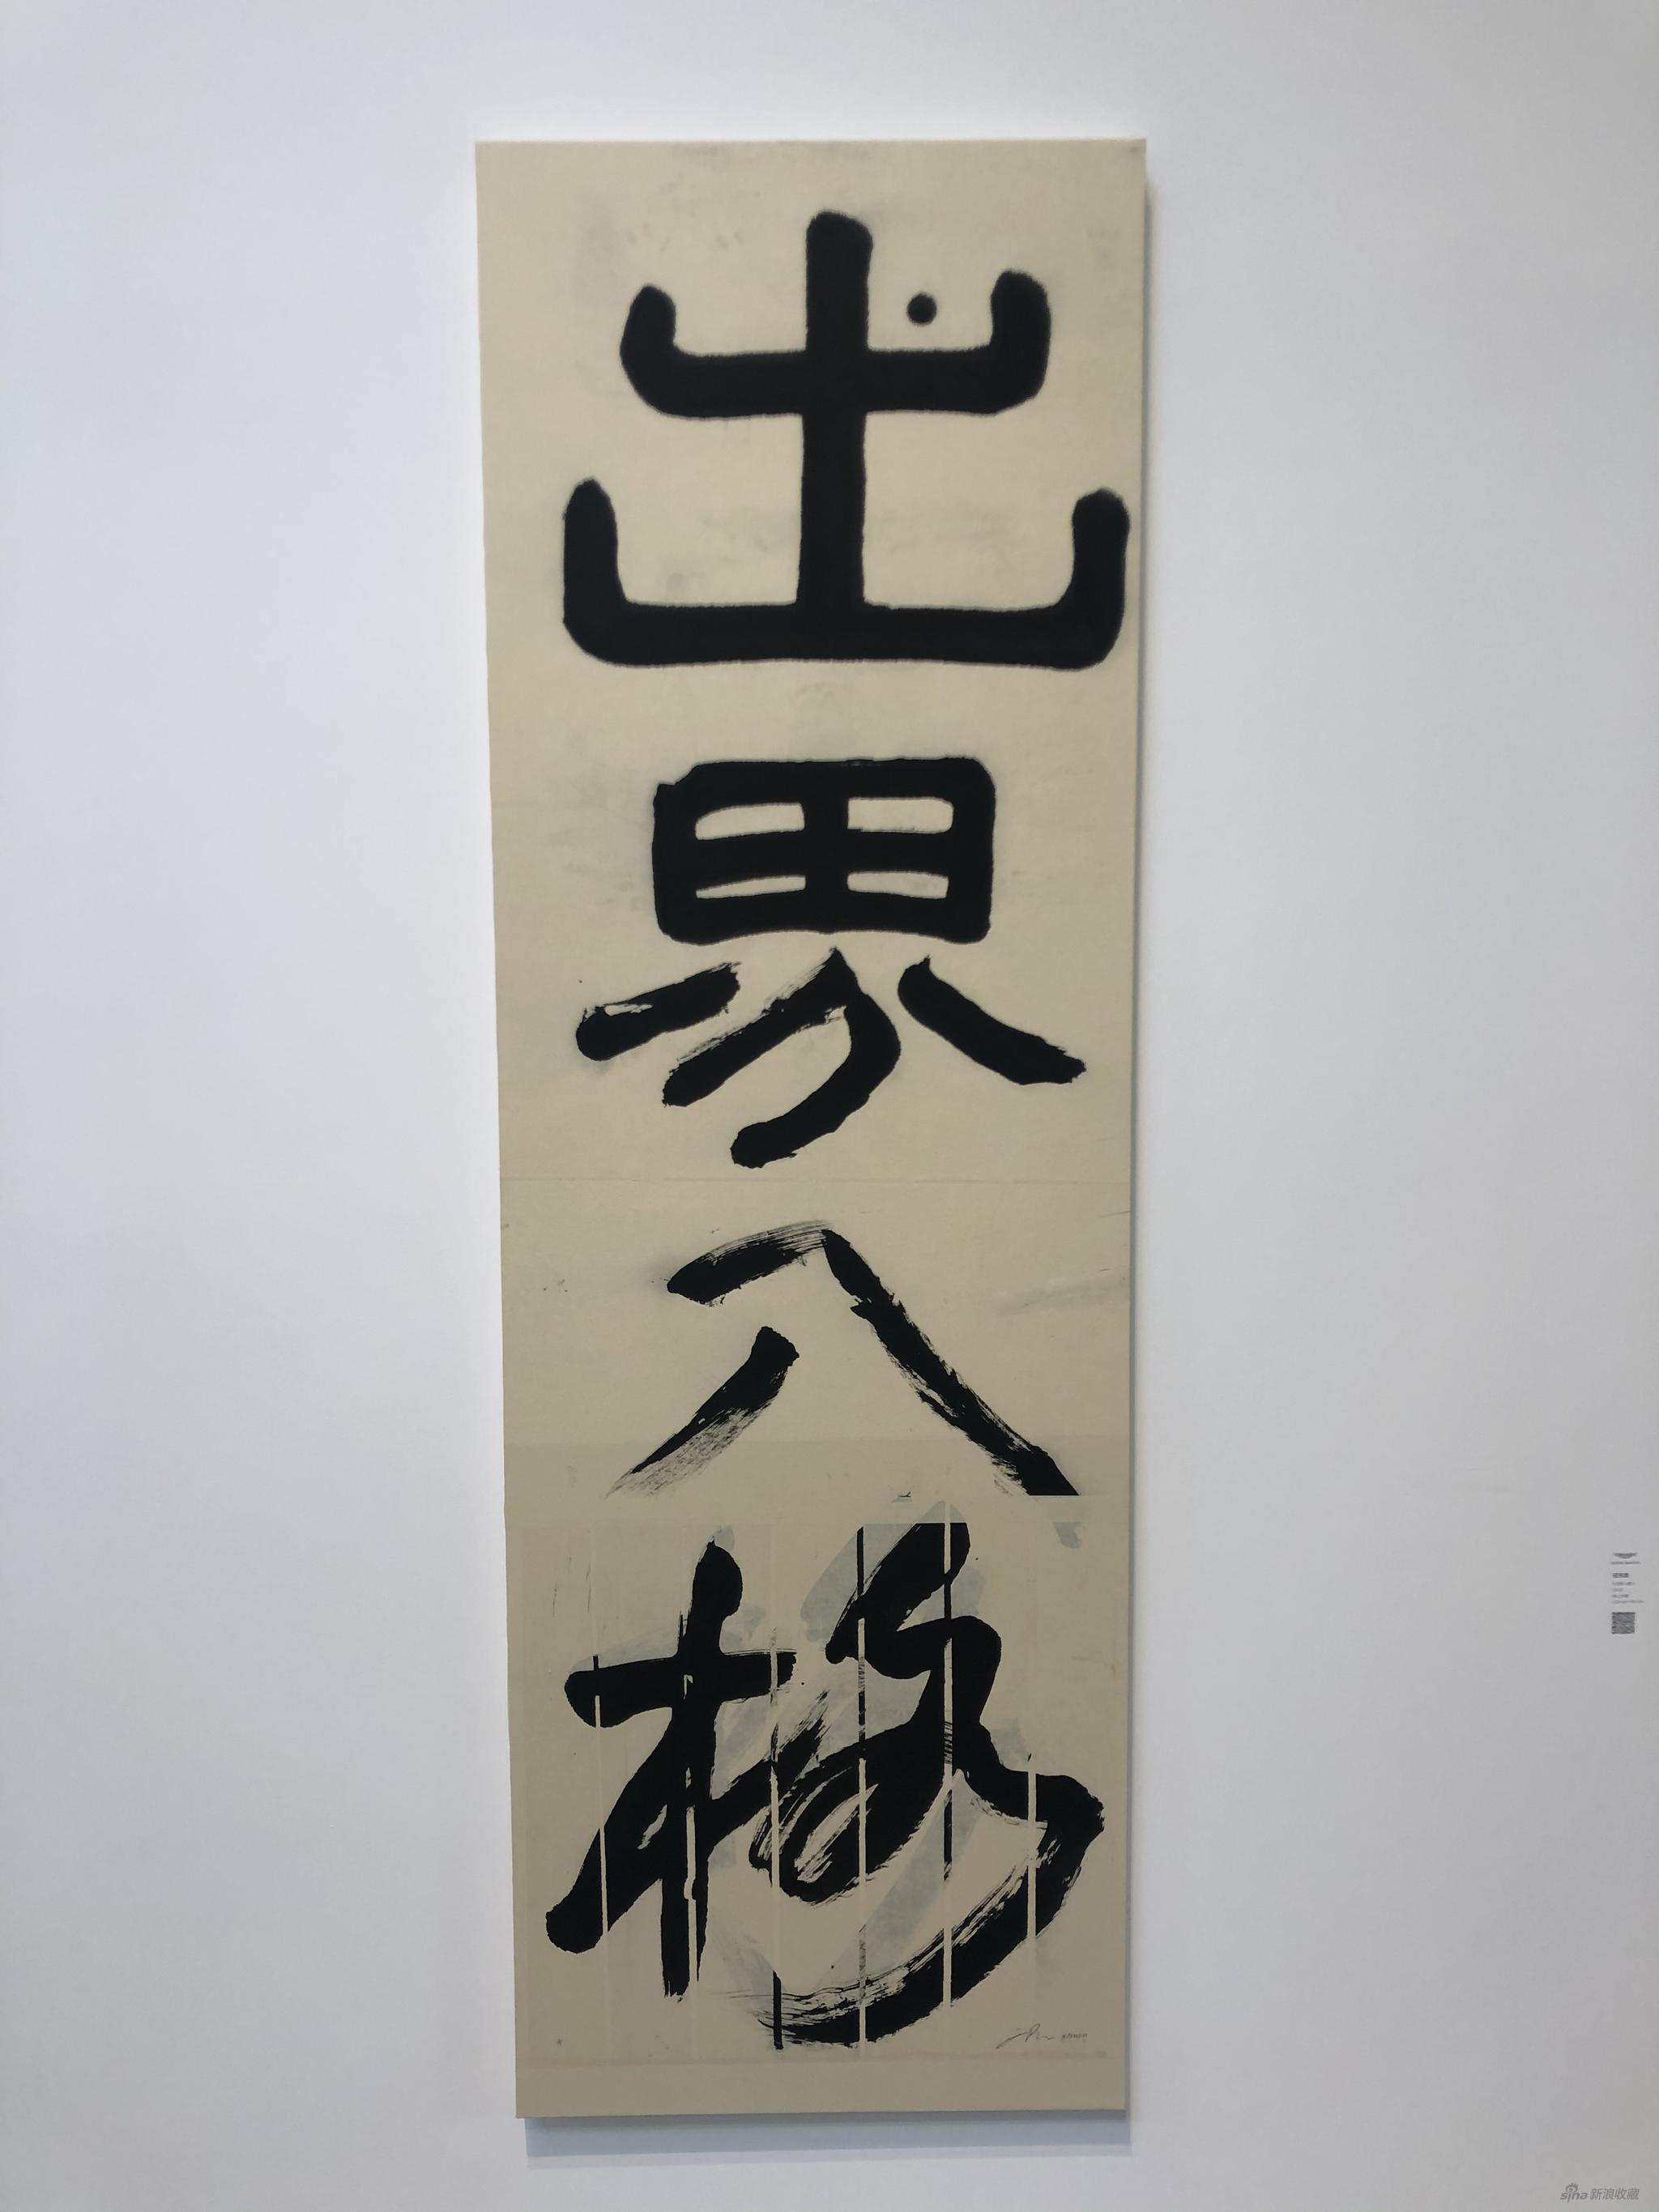 《出界,入格——阿斯顿?马丁逐美之行艺术展》在上海开幕